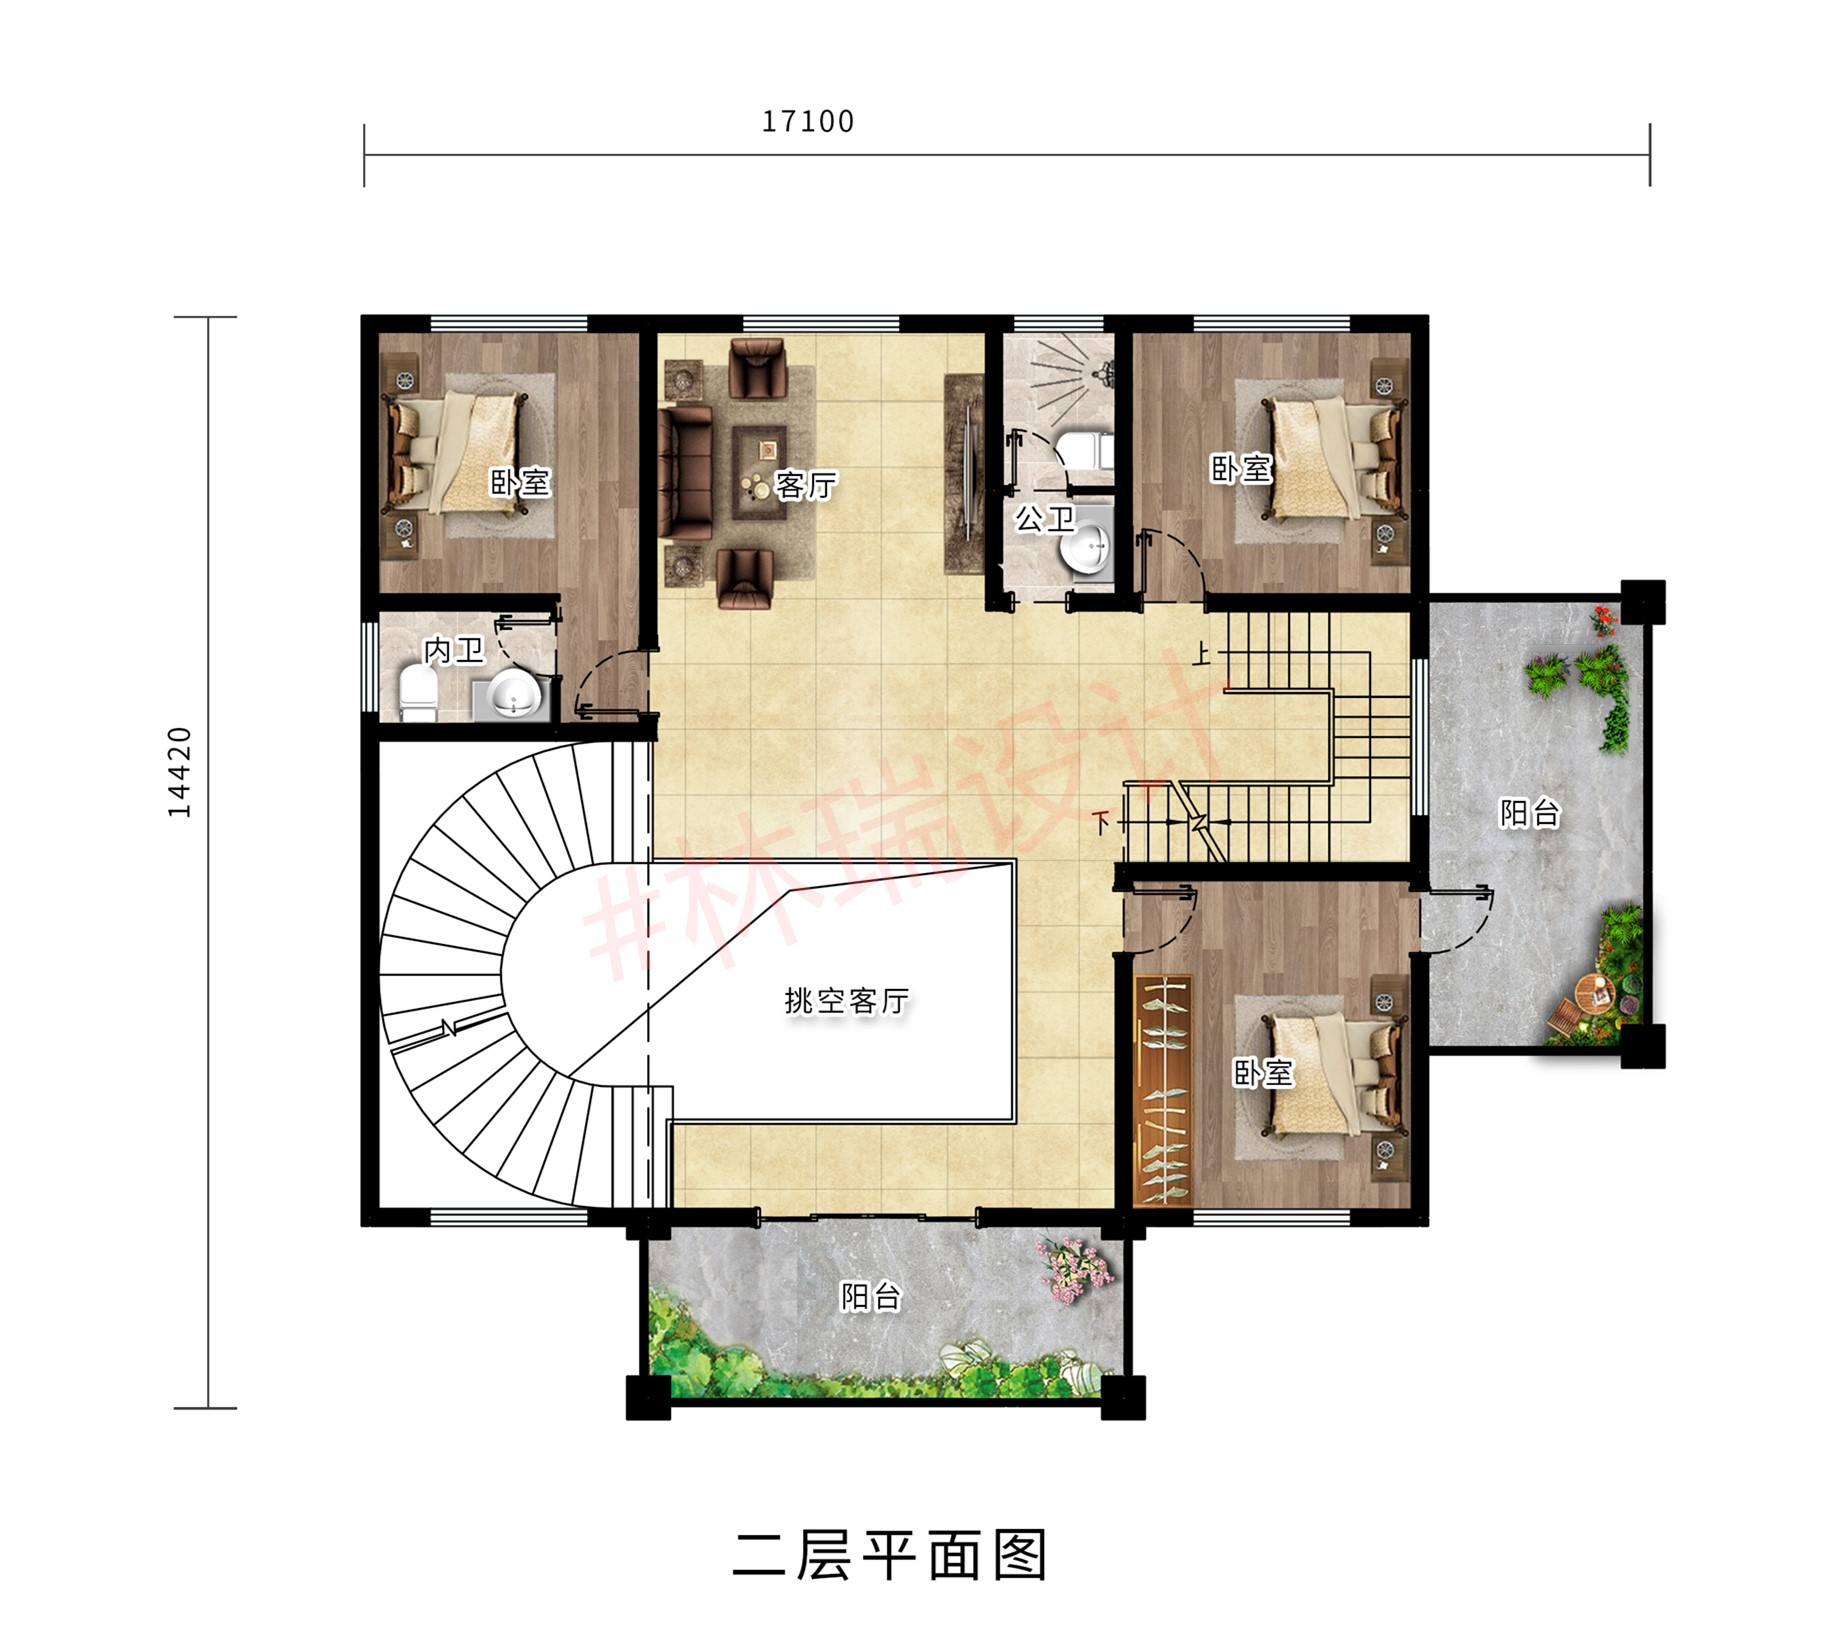 廣東王姨自建三層別墅,花了1萬的設計圖紙,欲建村裡的網紅樓